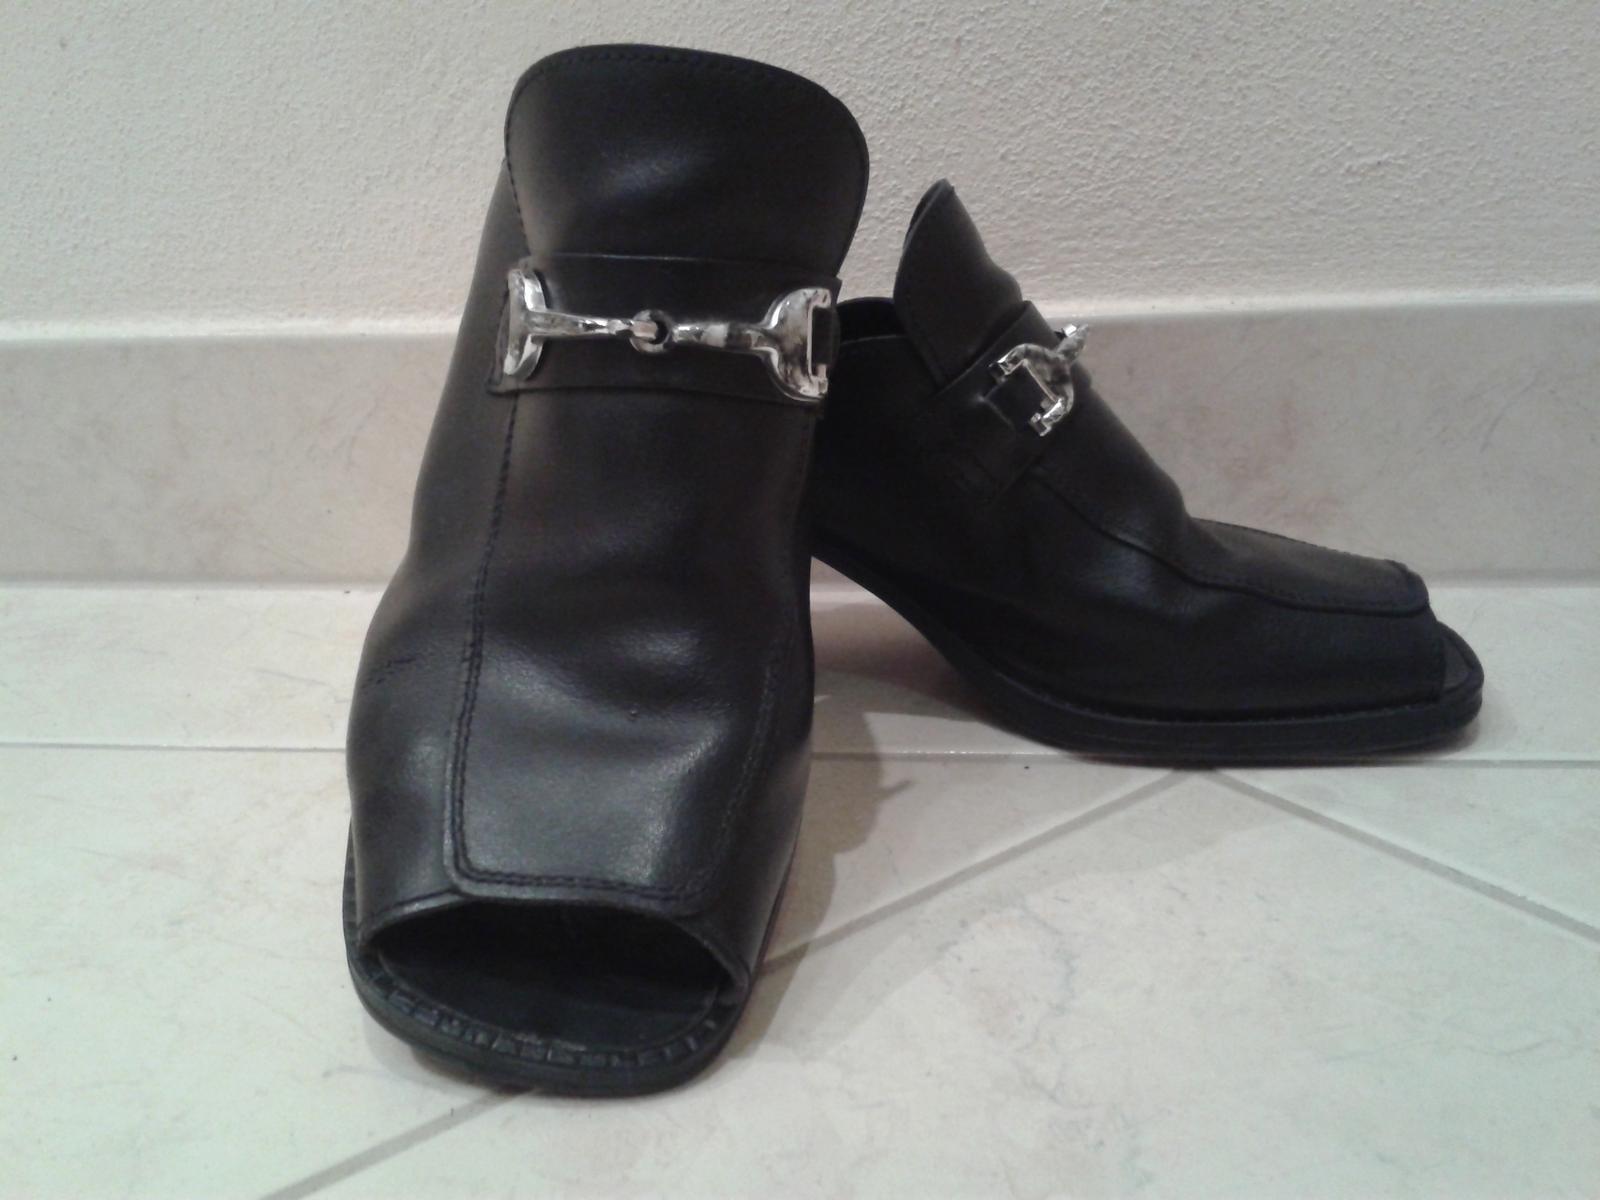 Čierne topánky s otvorenou špičkou/pätou - Obrázok č. 1